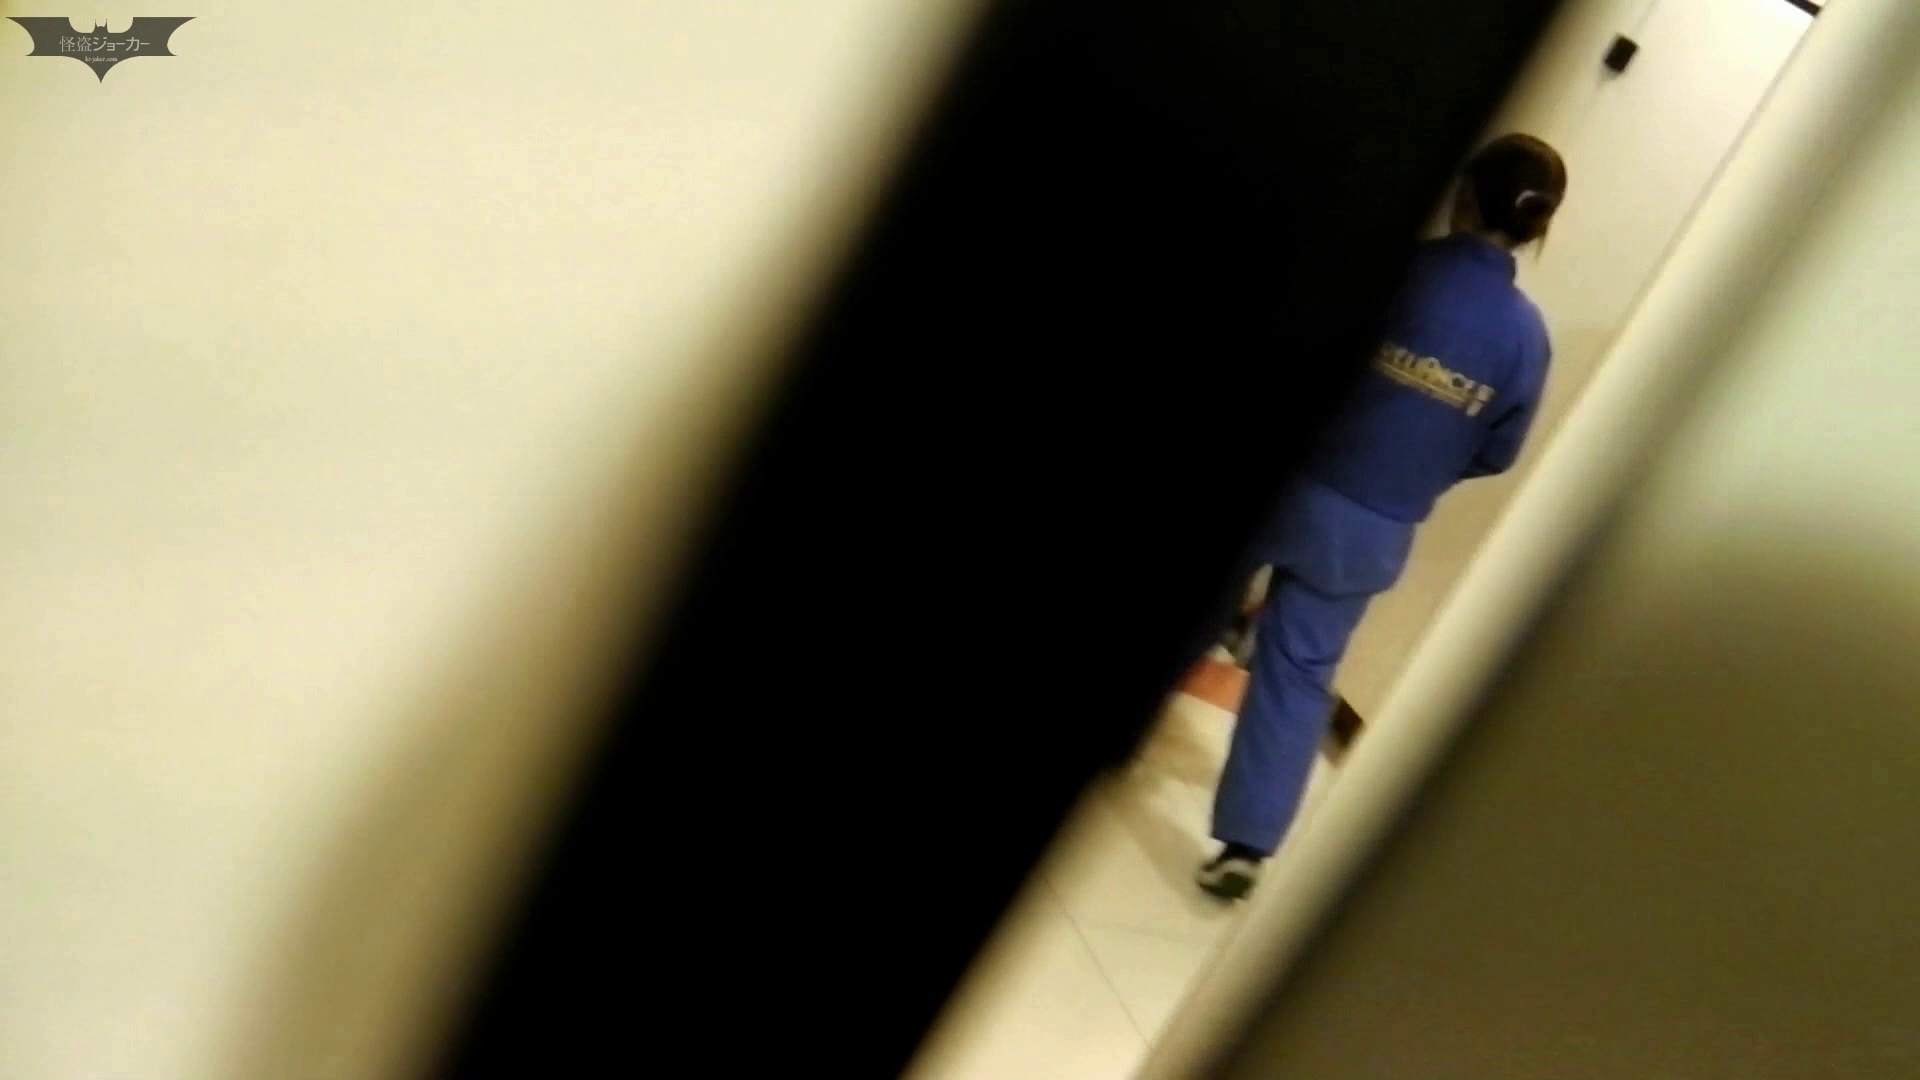 新世界の射窓 No64日本ギャル登場か?ハイヒール大特集! ギャル盗撮映像  84PIX 26